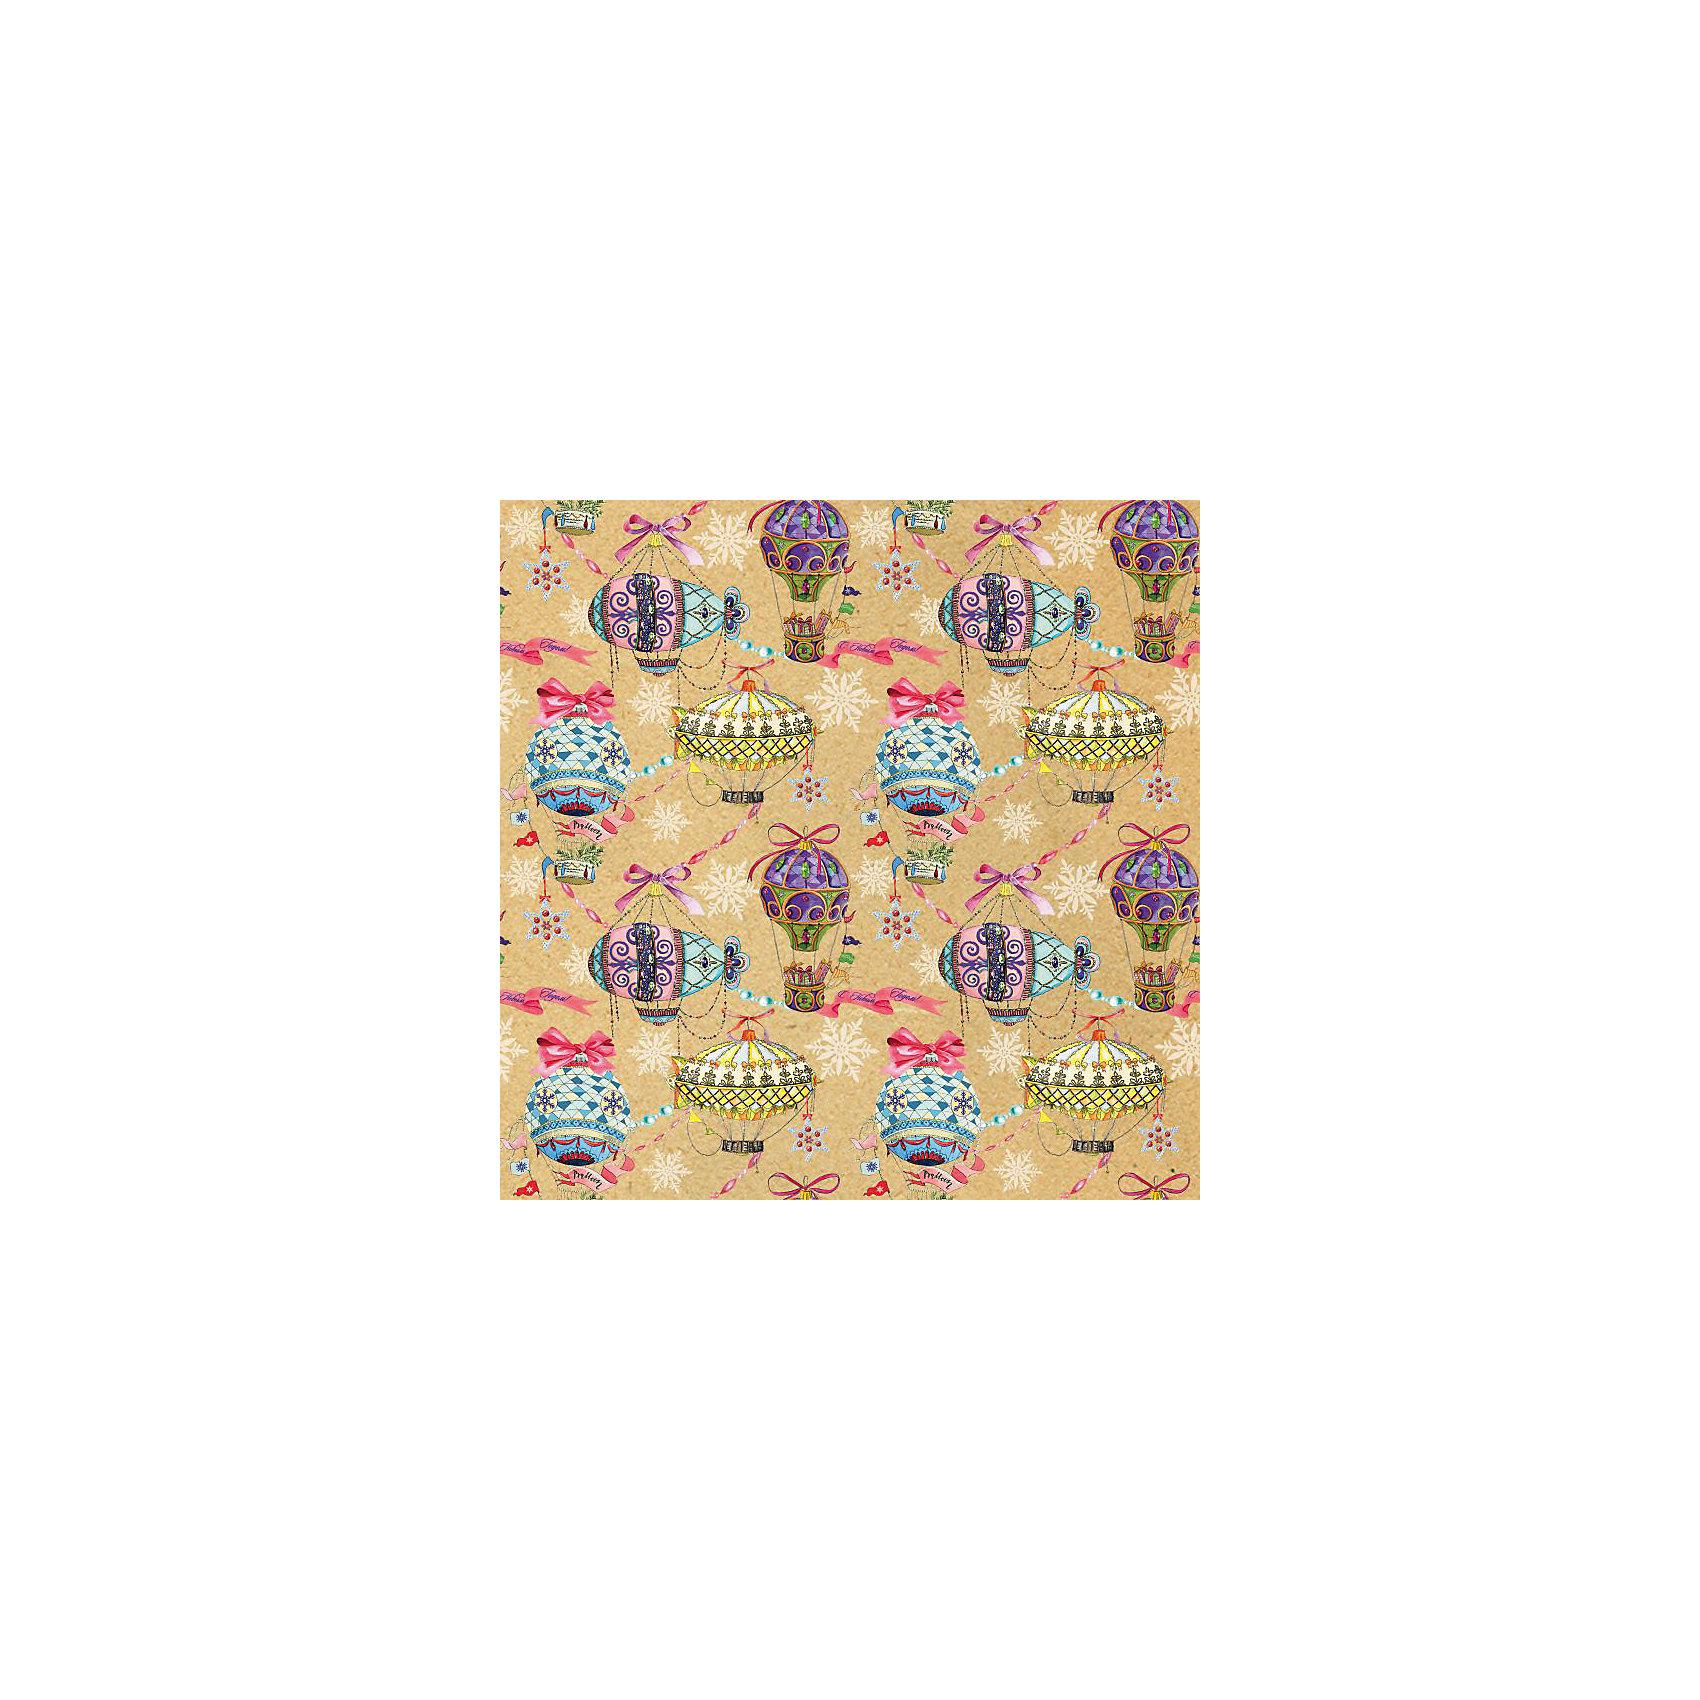 Крафт бумага Праздничные шары для сувенирной продукции от myToys